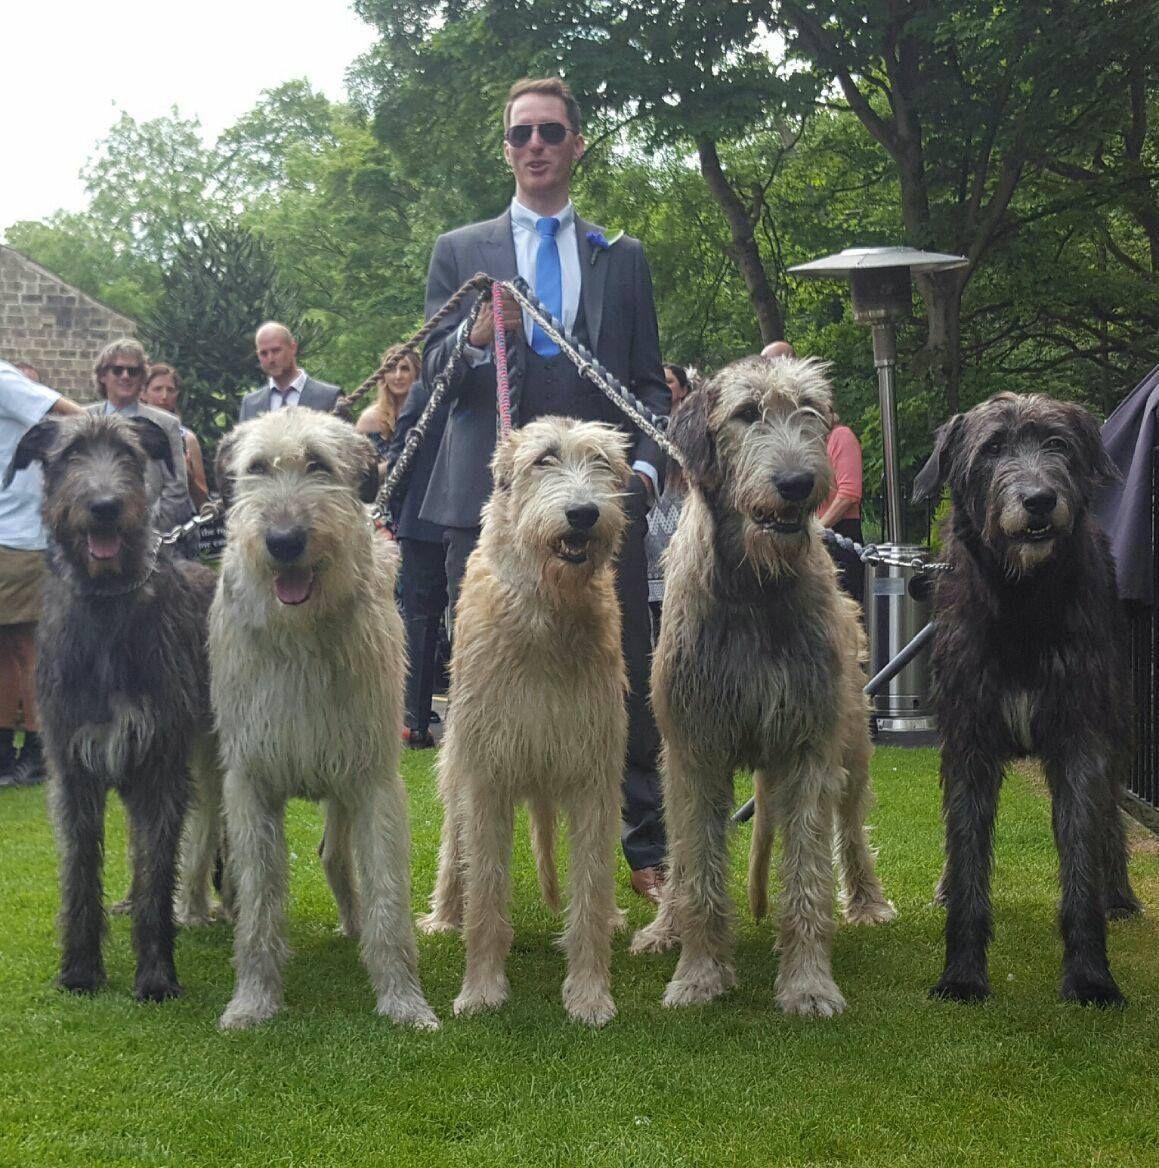 Austonley Irish Wolfhounds - Austonley Irish Wolfhounds ...  Deerhounds